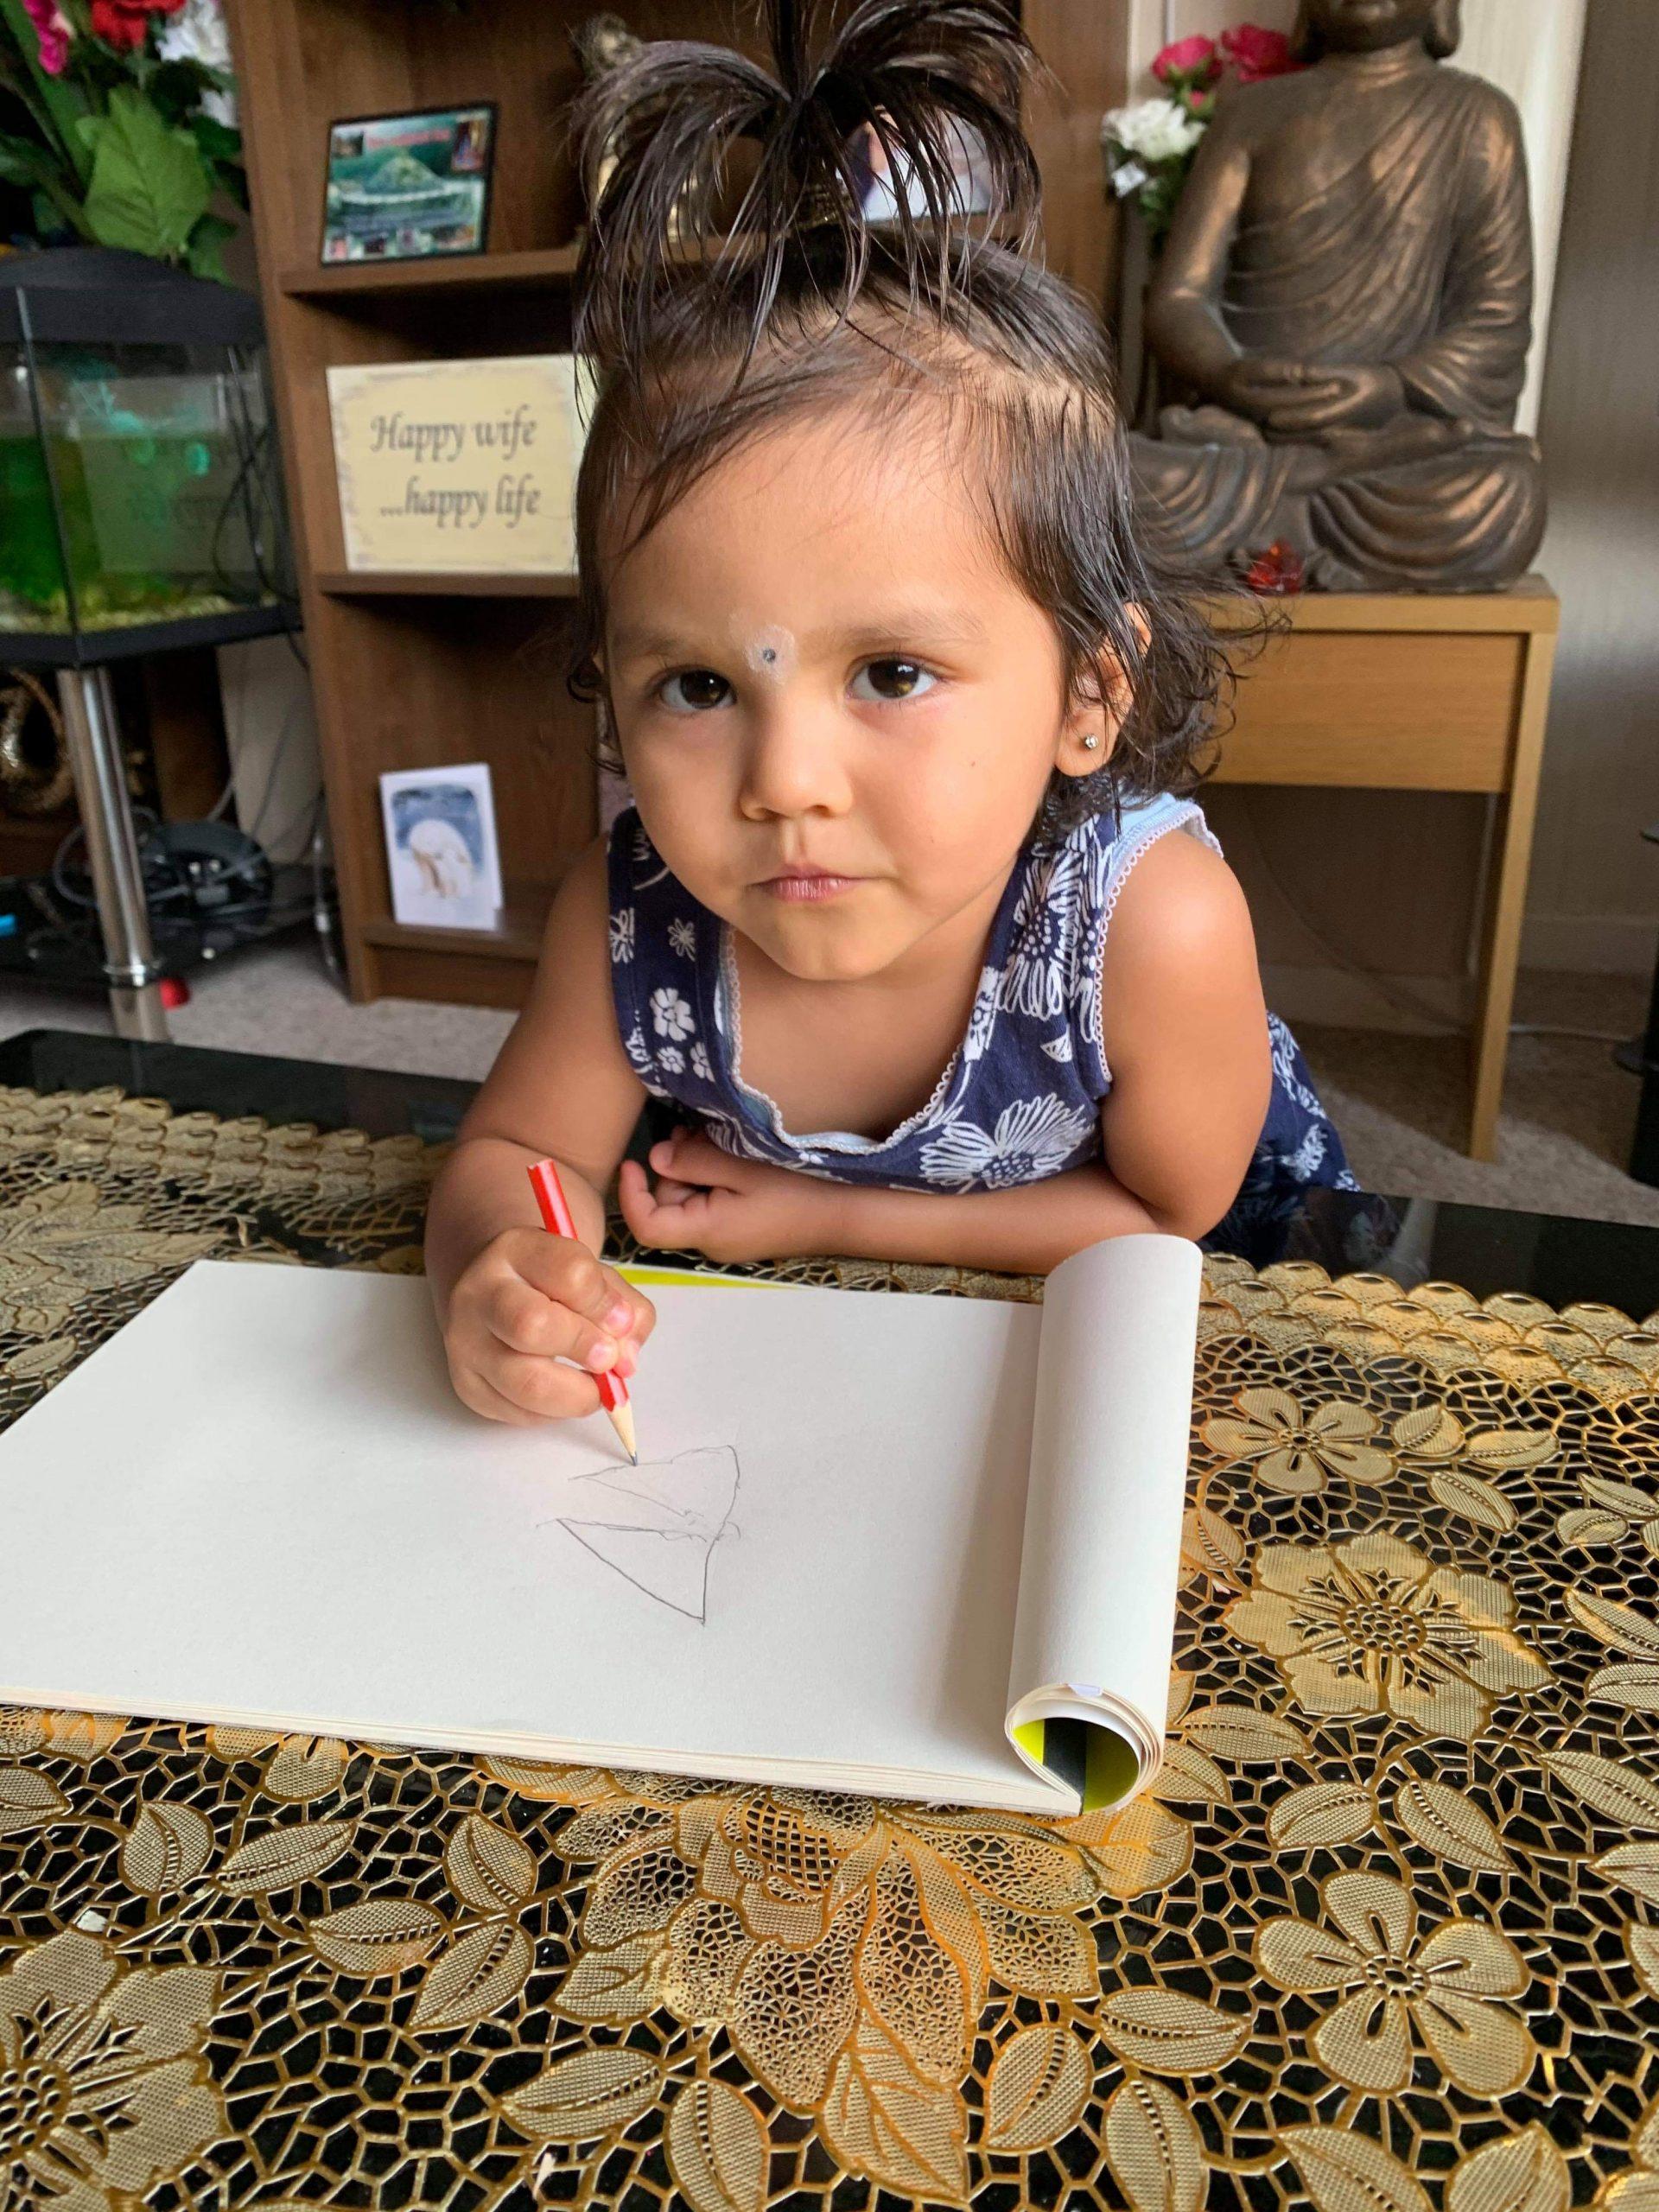 एनआरएनए यूकेले आयोजना गरेको चित्रकला प्रतियोगितामा ४६ बालबालिका बाट ९२ सिर्जना प्राप्त